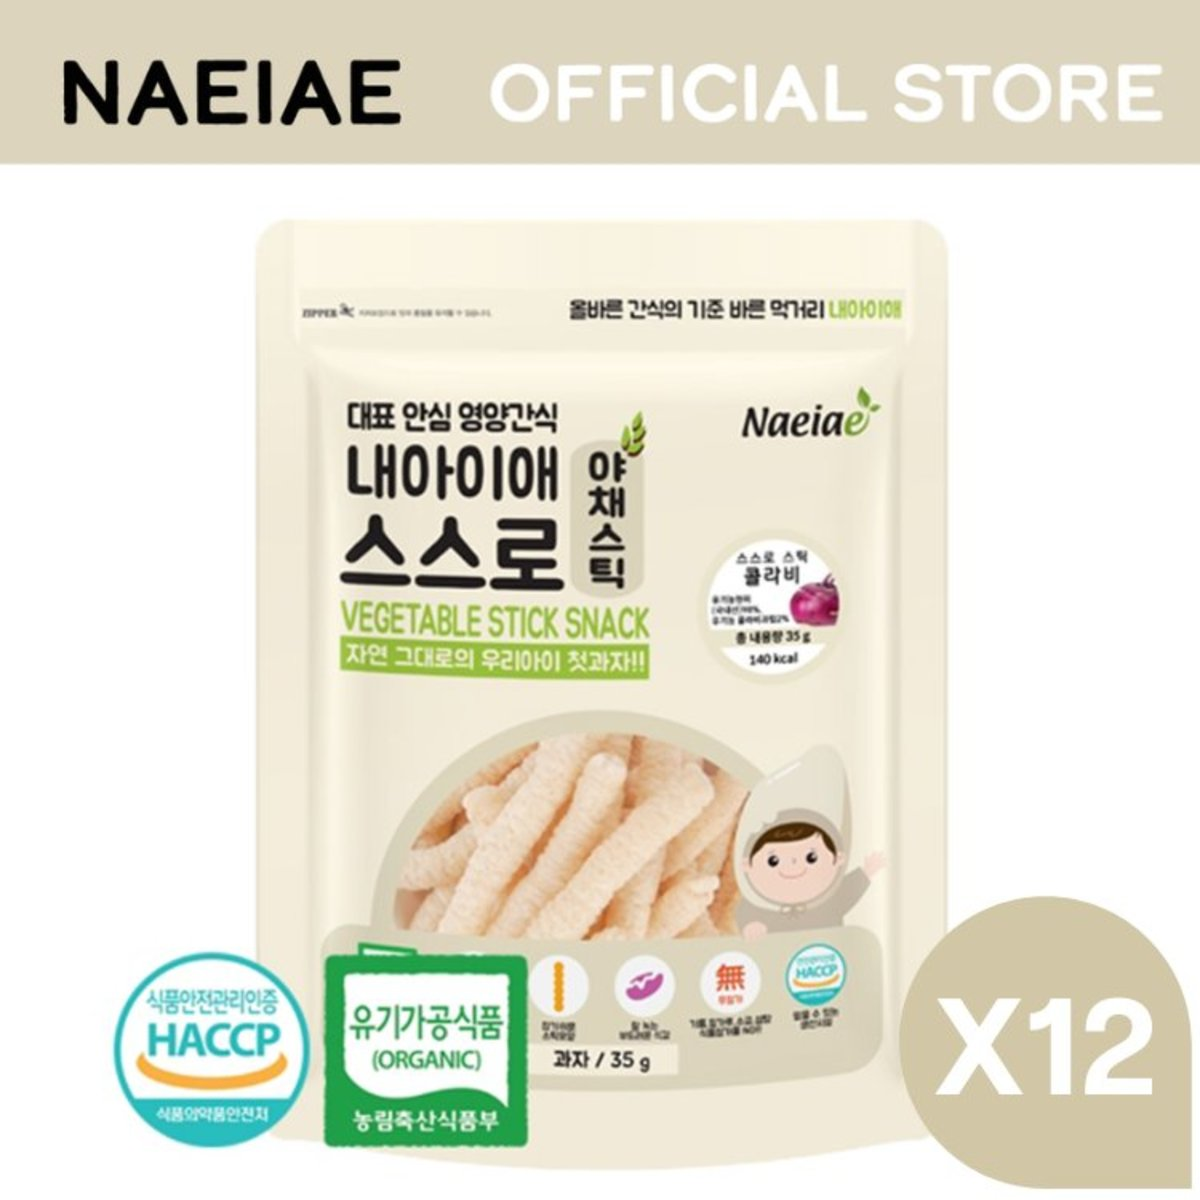 Vegetable stick snack - Kohlrabi X12packs